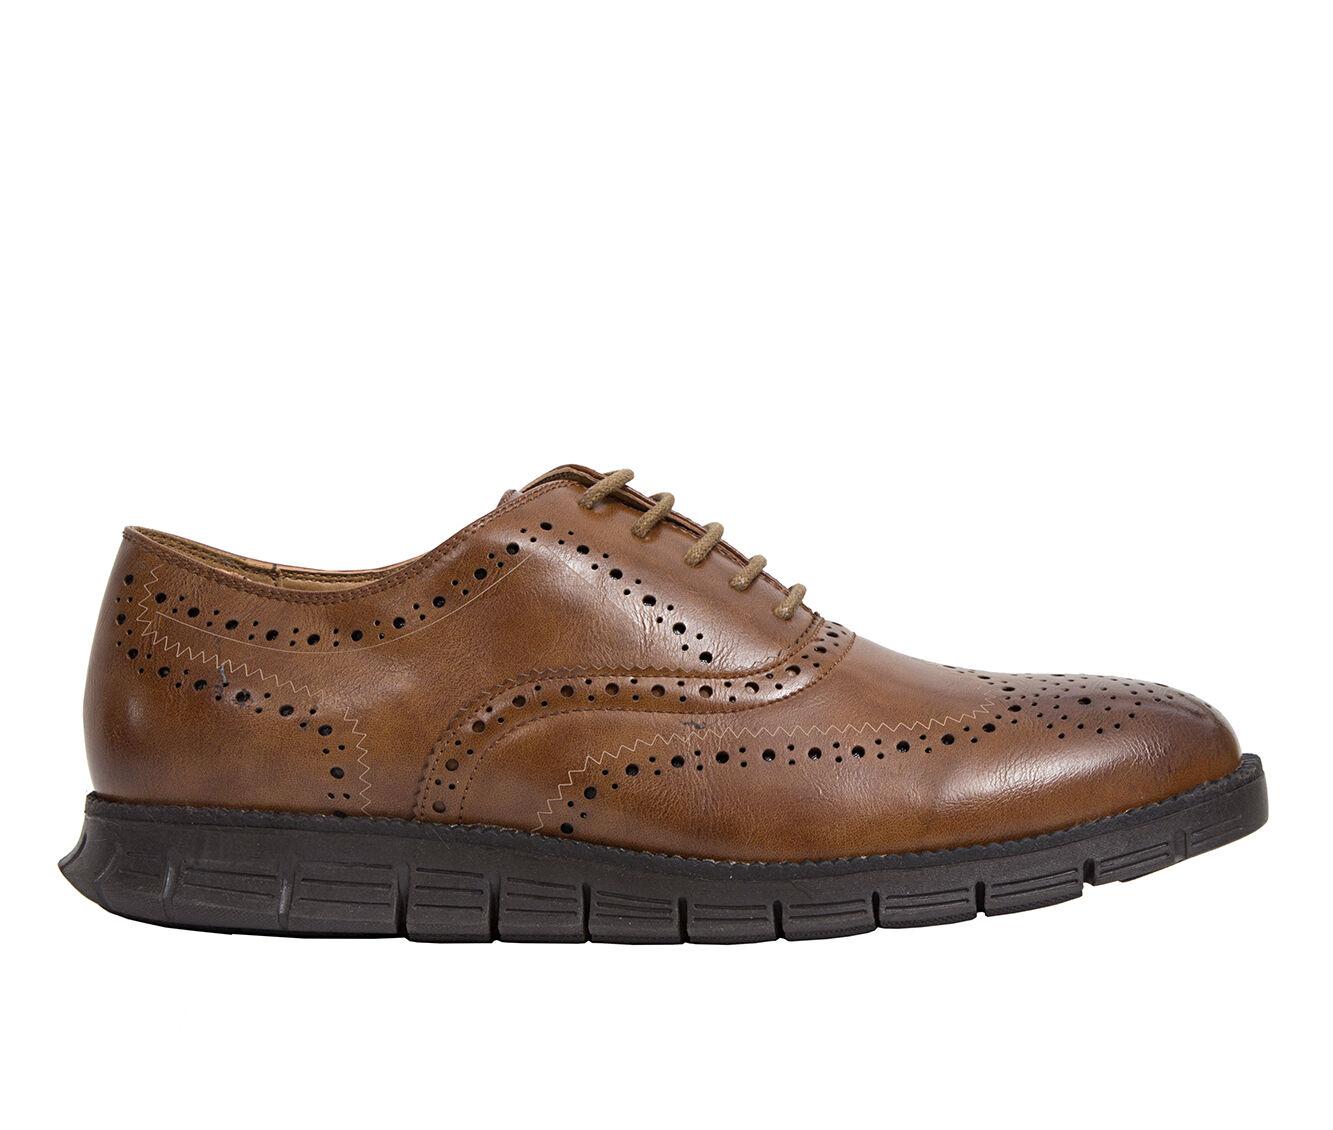 Men's Deer Stags Benton Dress Shoes Tan